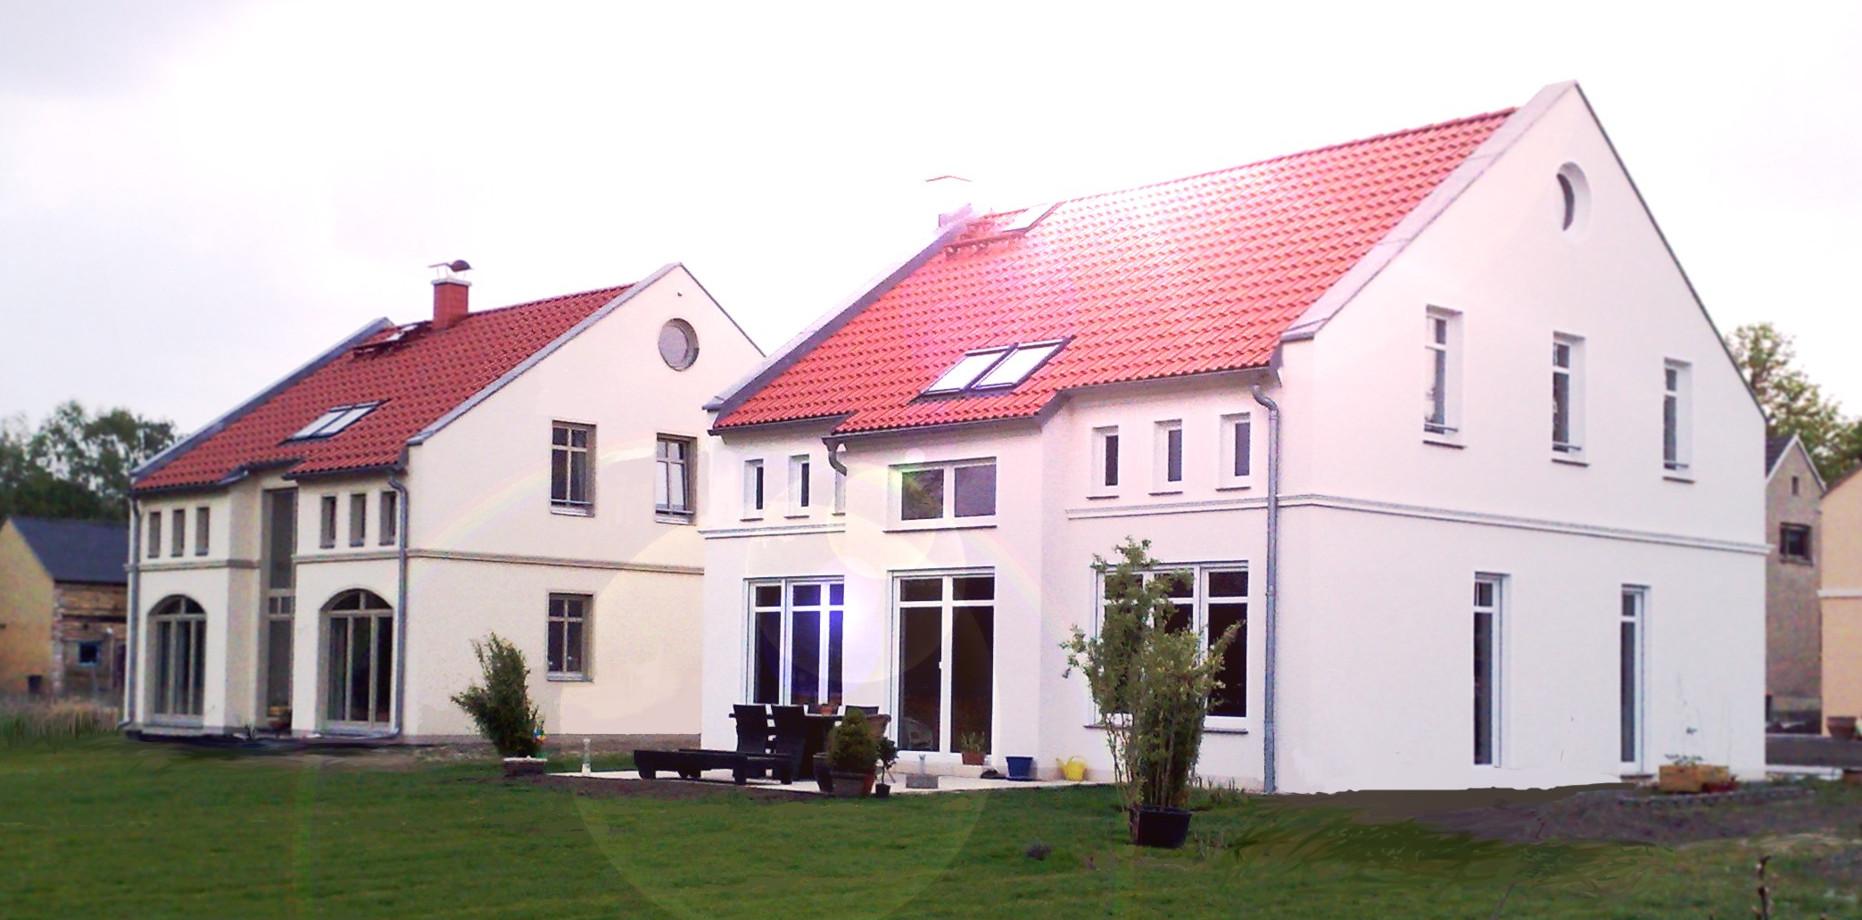 Remisen in Stahnsdorf